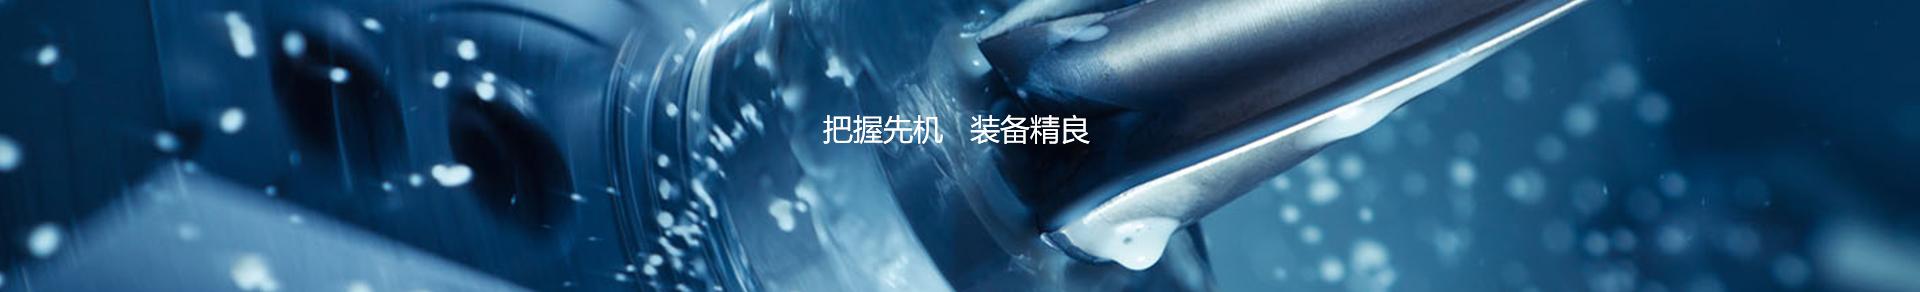 http://www.jinluchina.com/data/images/slide/20190923174828_210.jpg